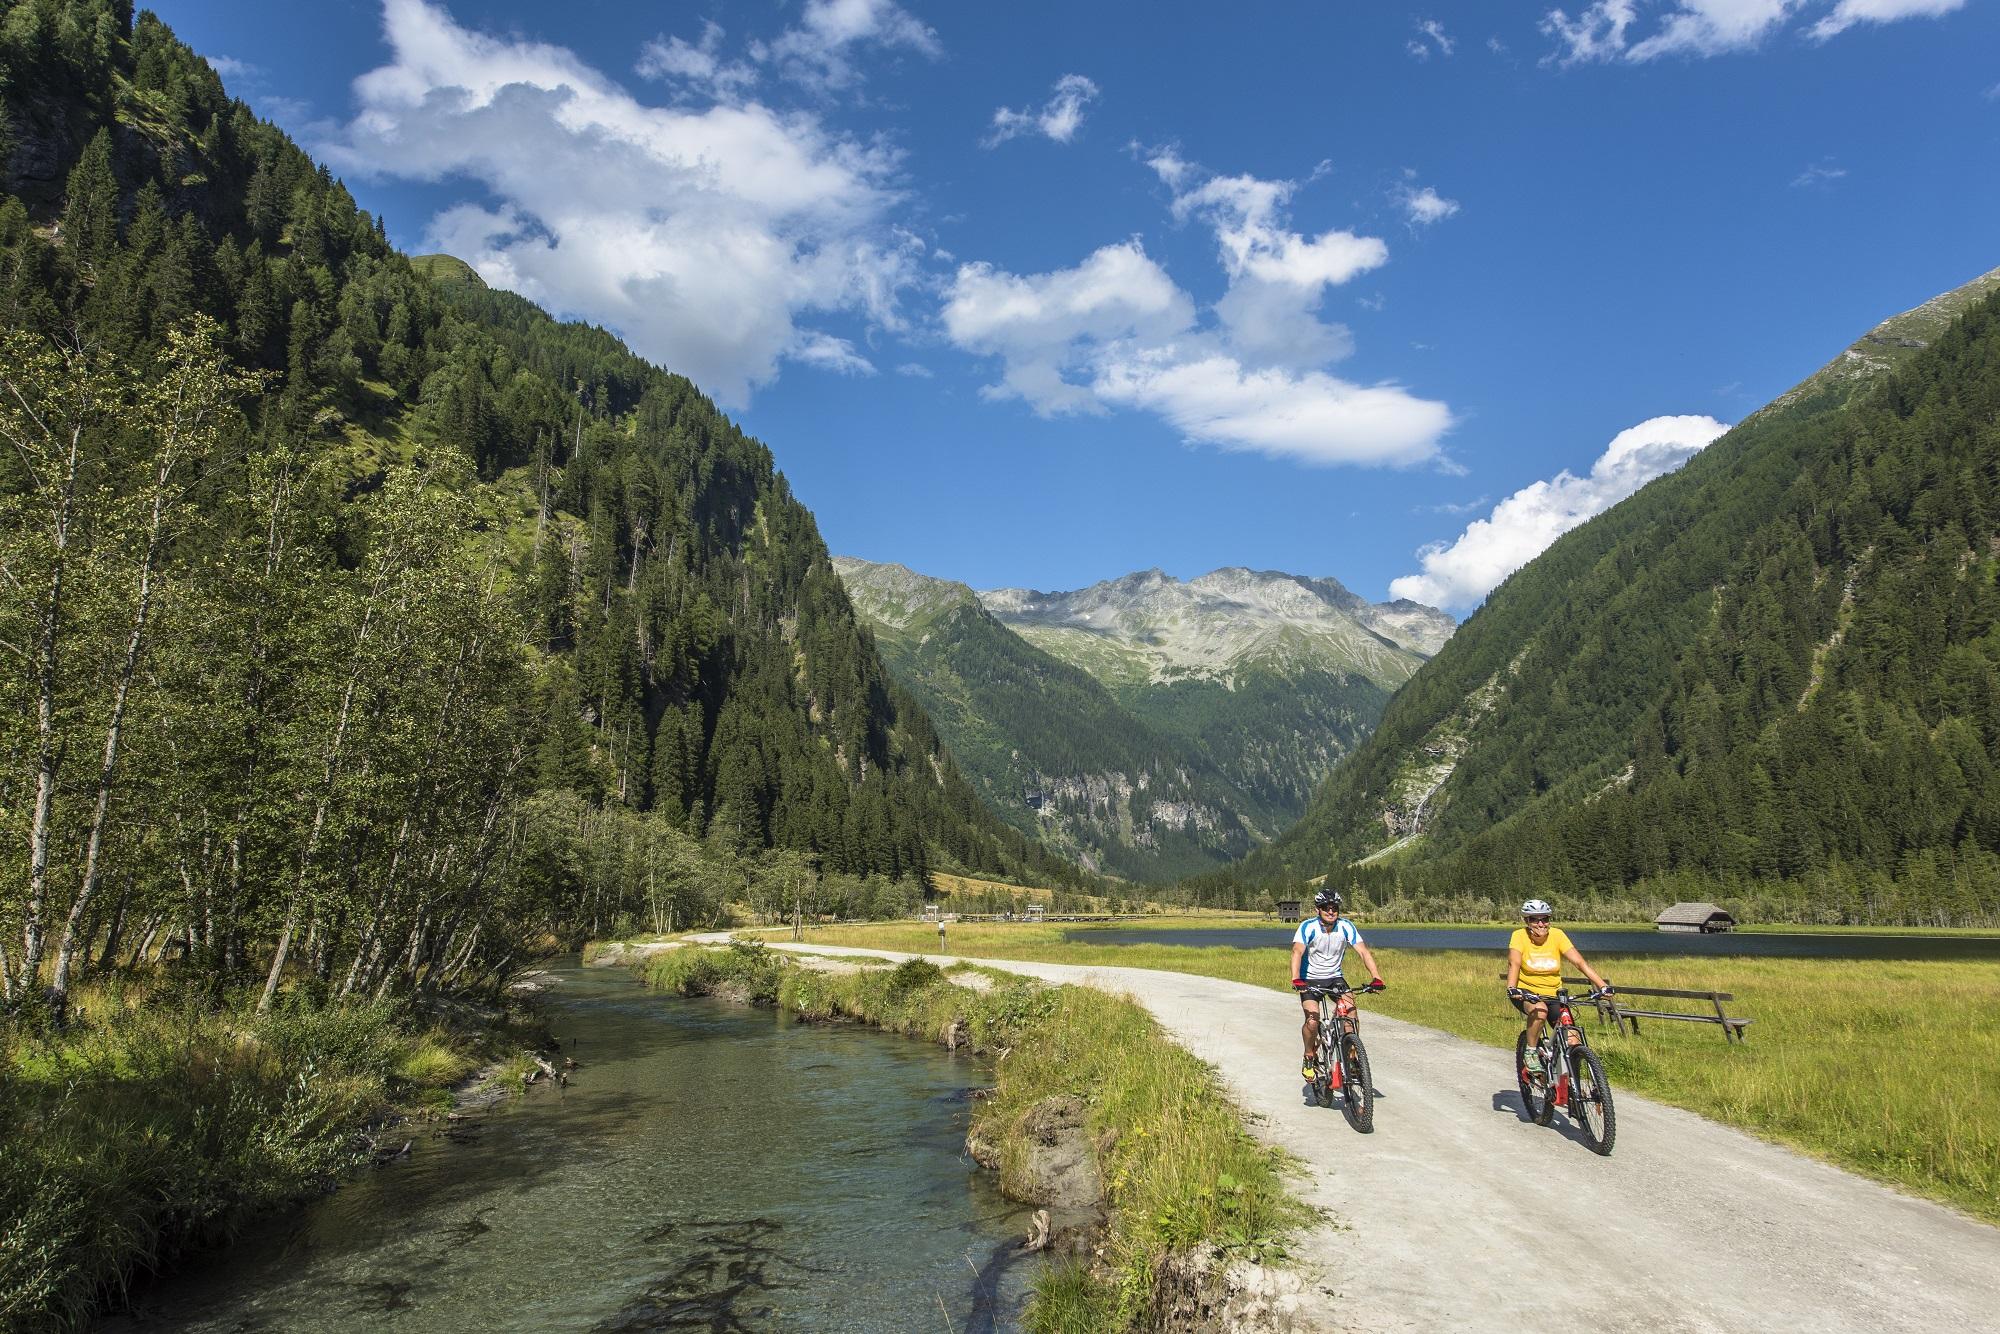 explorez la piste cyclable Alpe-Adria à Mallnitz à vélo